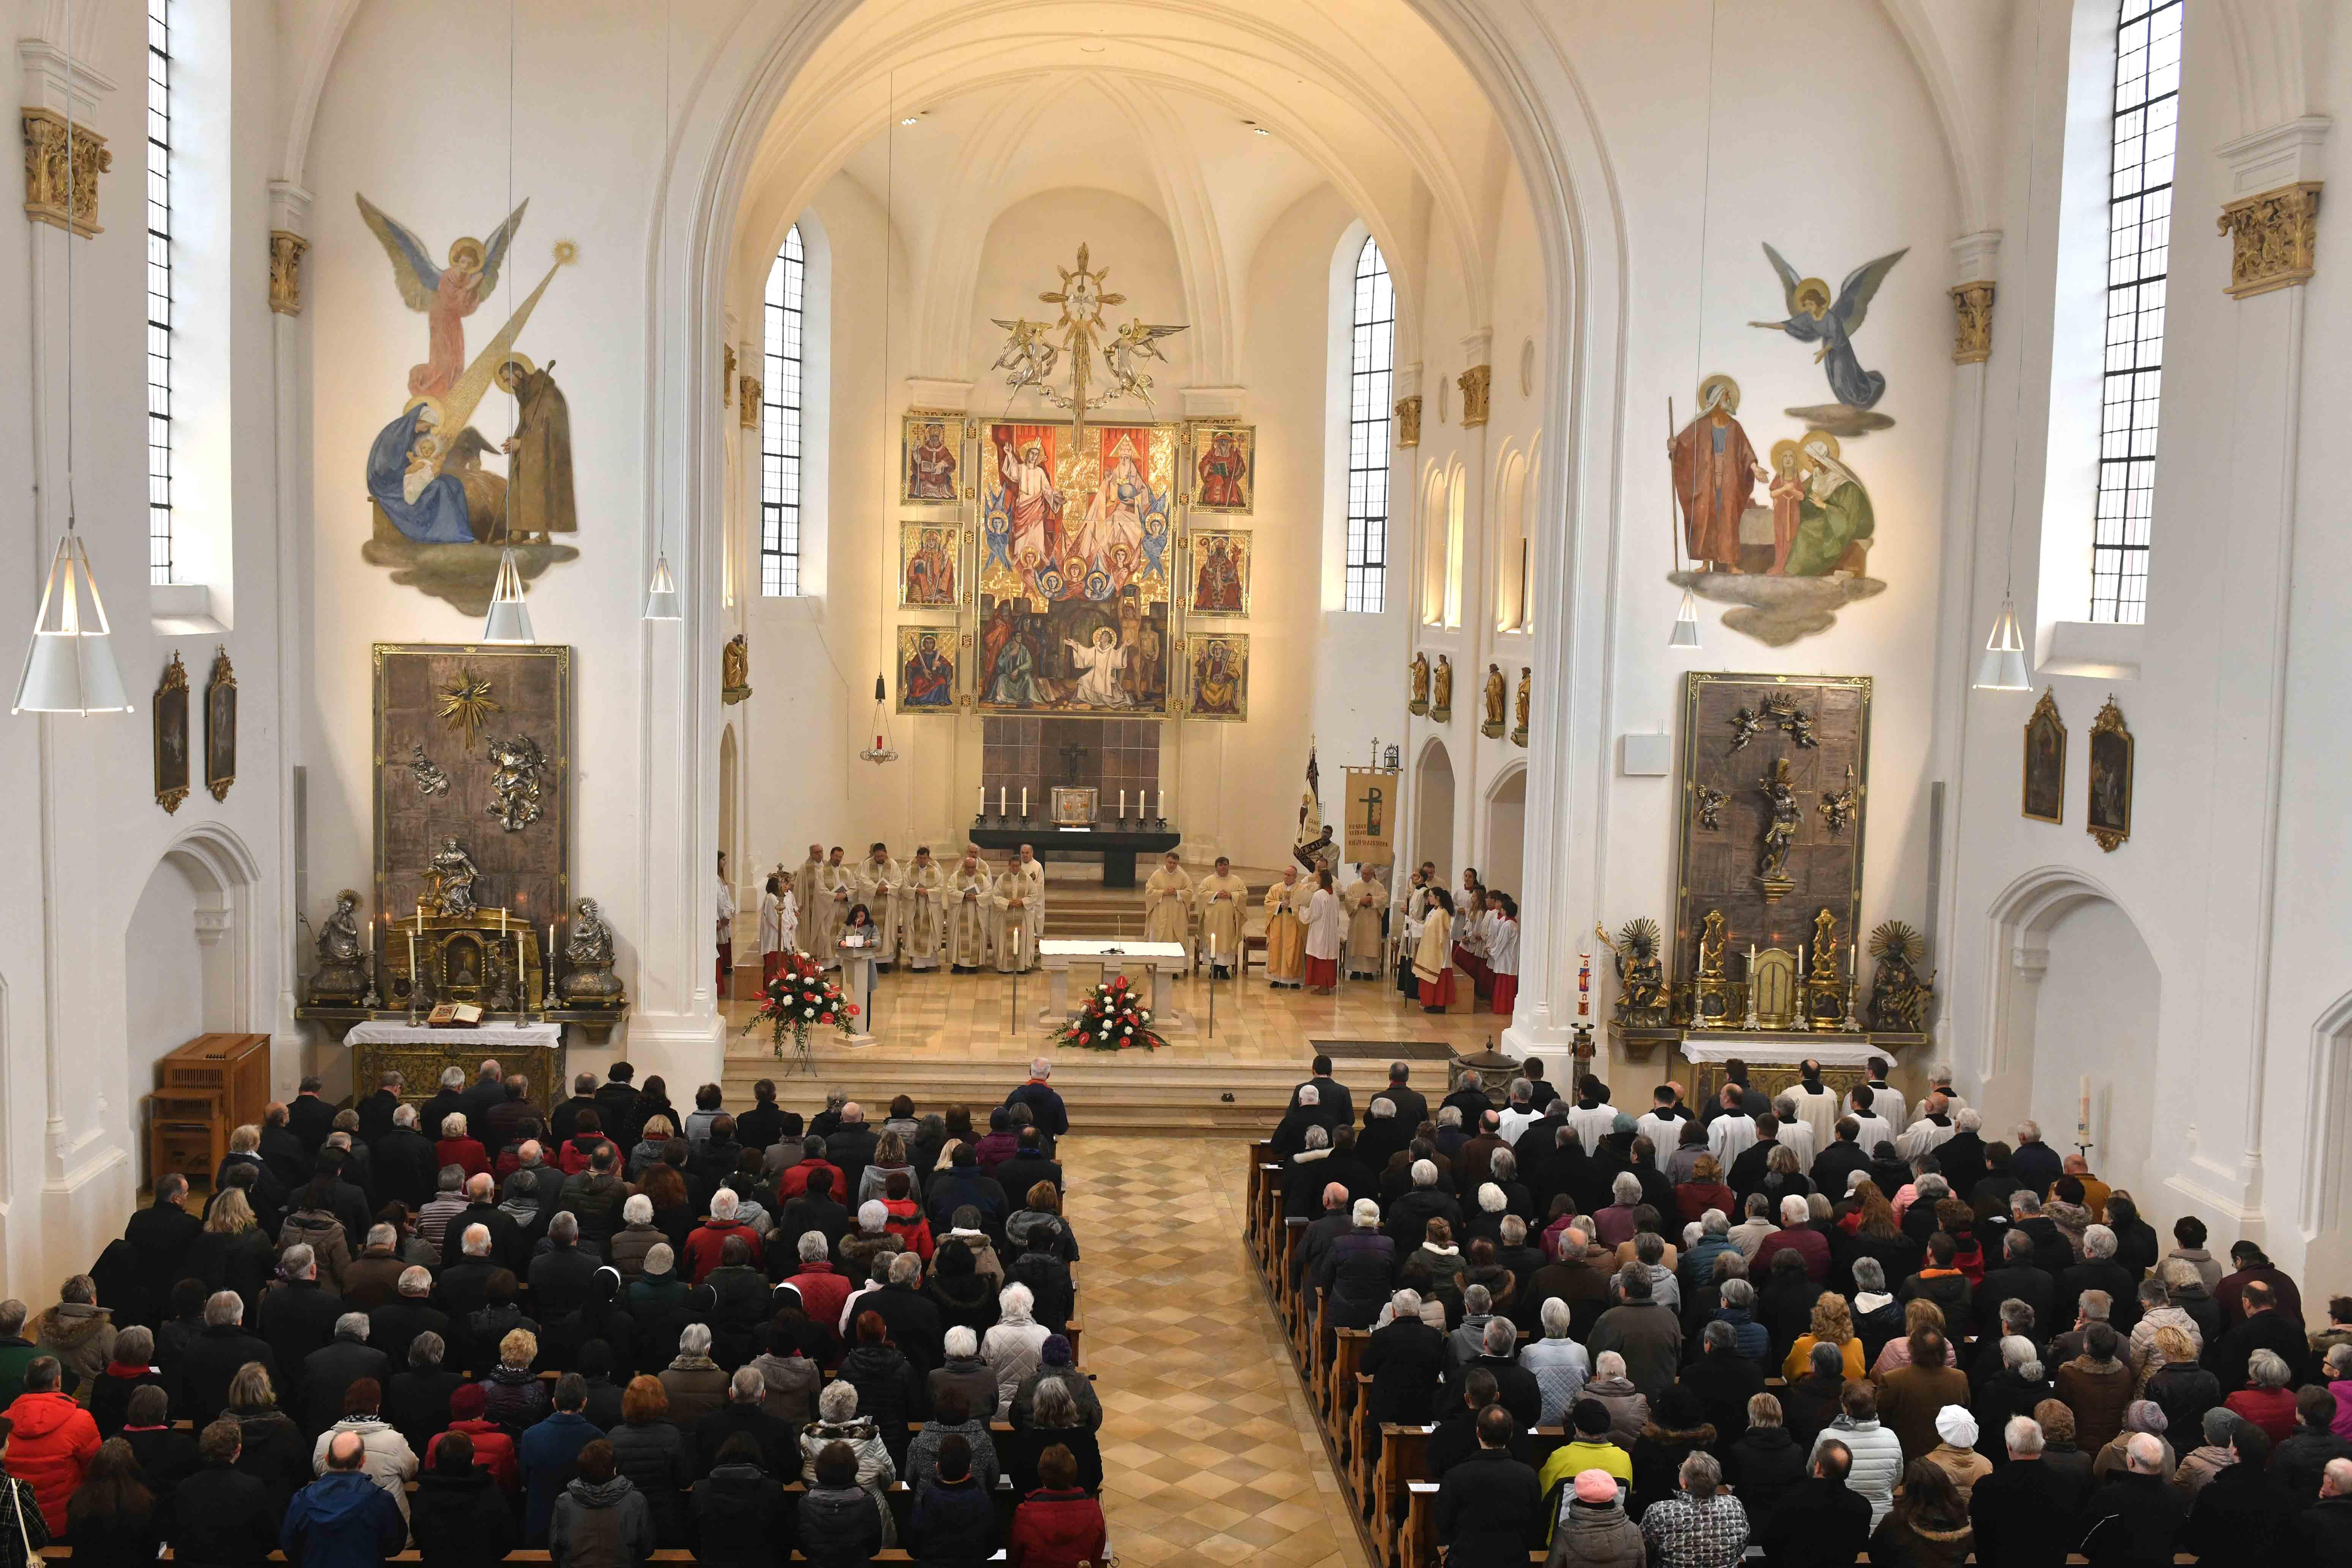 Mehr als 500 Mesnerinnen und Mesner füllten die Kirchenbänke der Mindelheimer Stadtpfarrkirche. (Foto: Nicolas Schnall / pba)